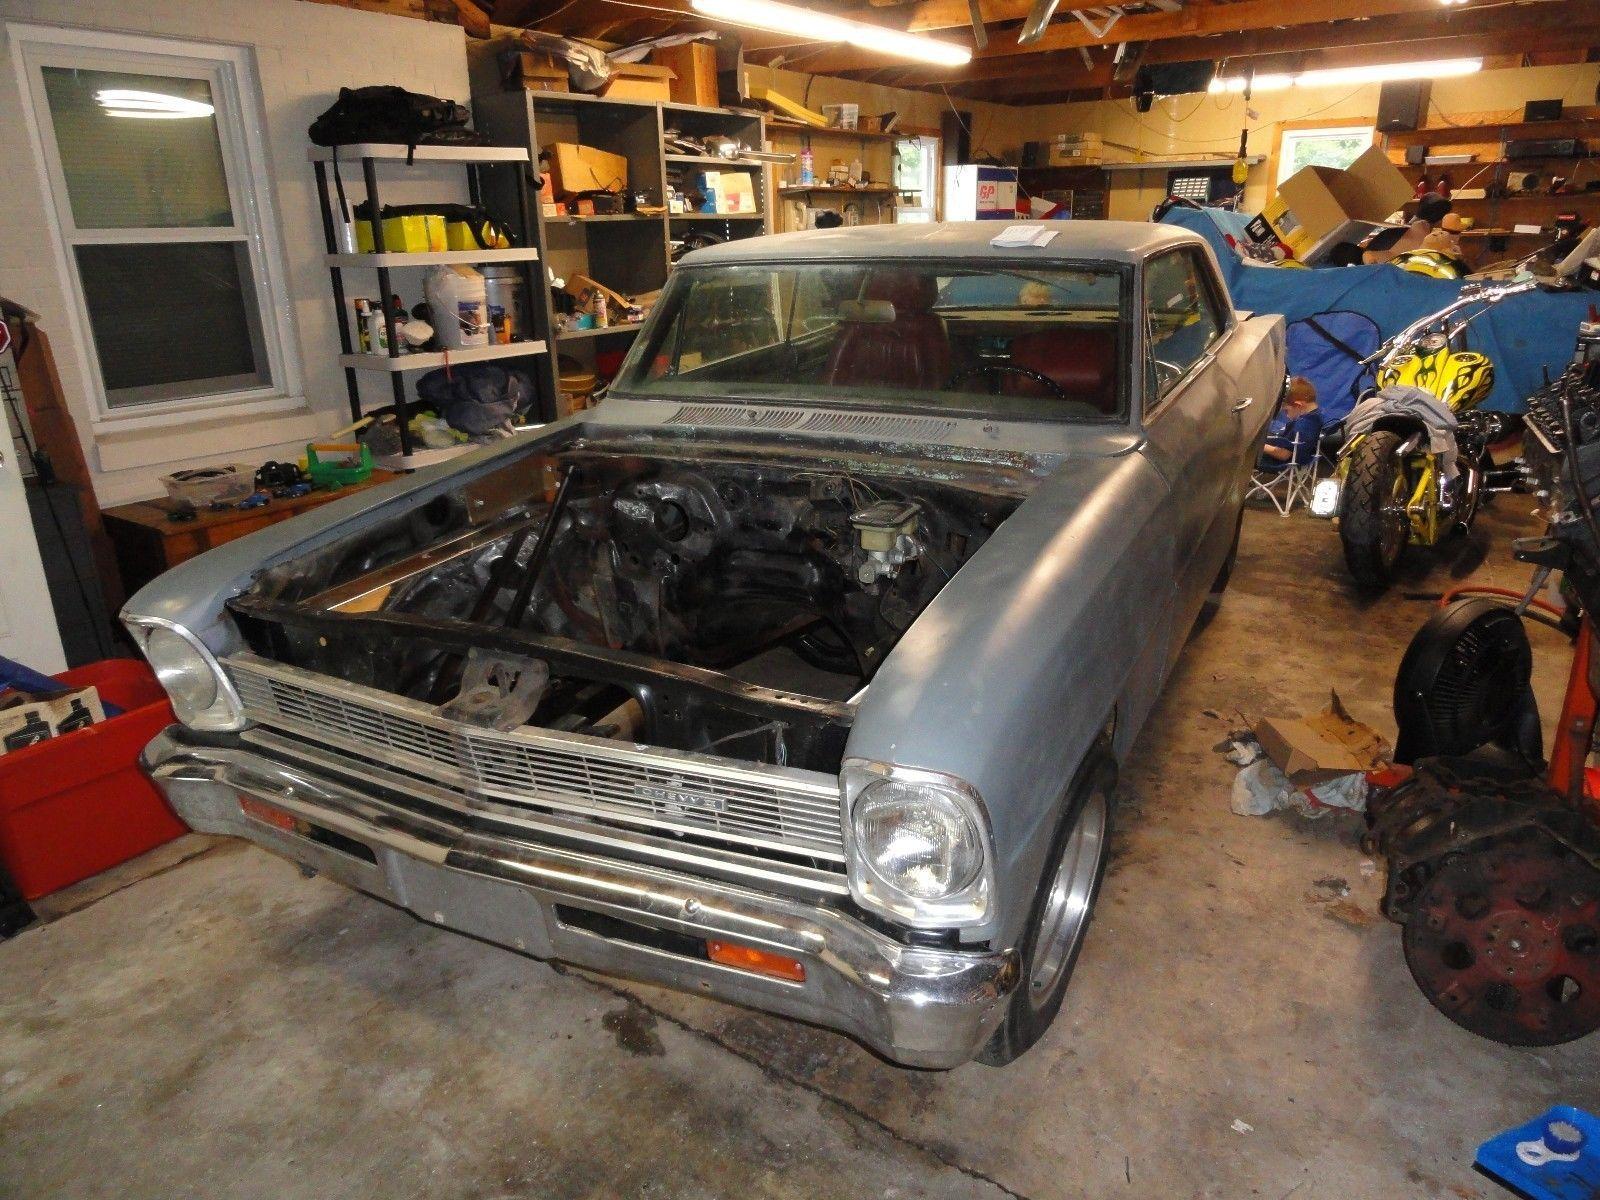 eBay: 1966 Chevrolet Nova 1966 Chevy II Nova Parts/Project car ...